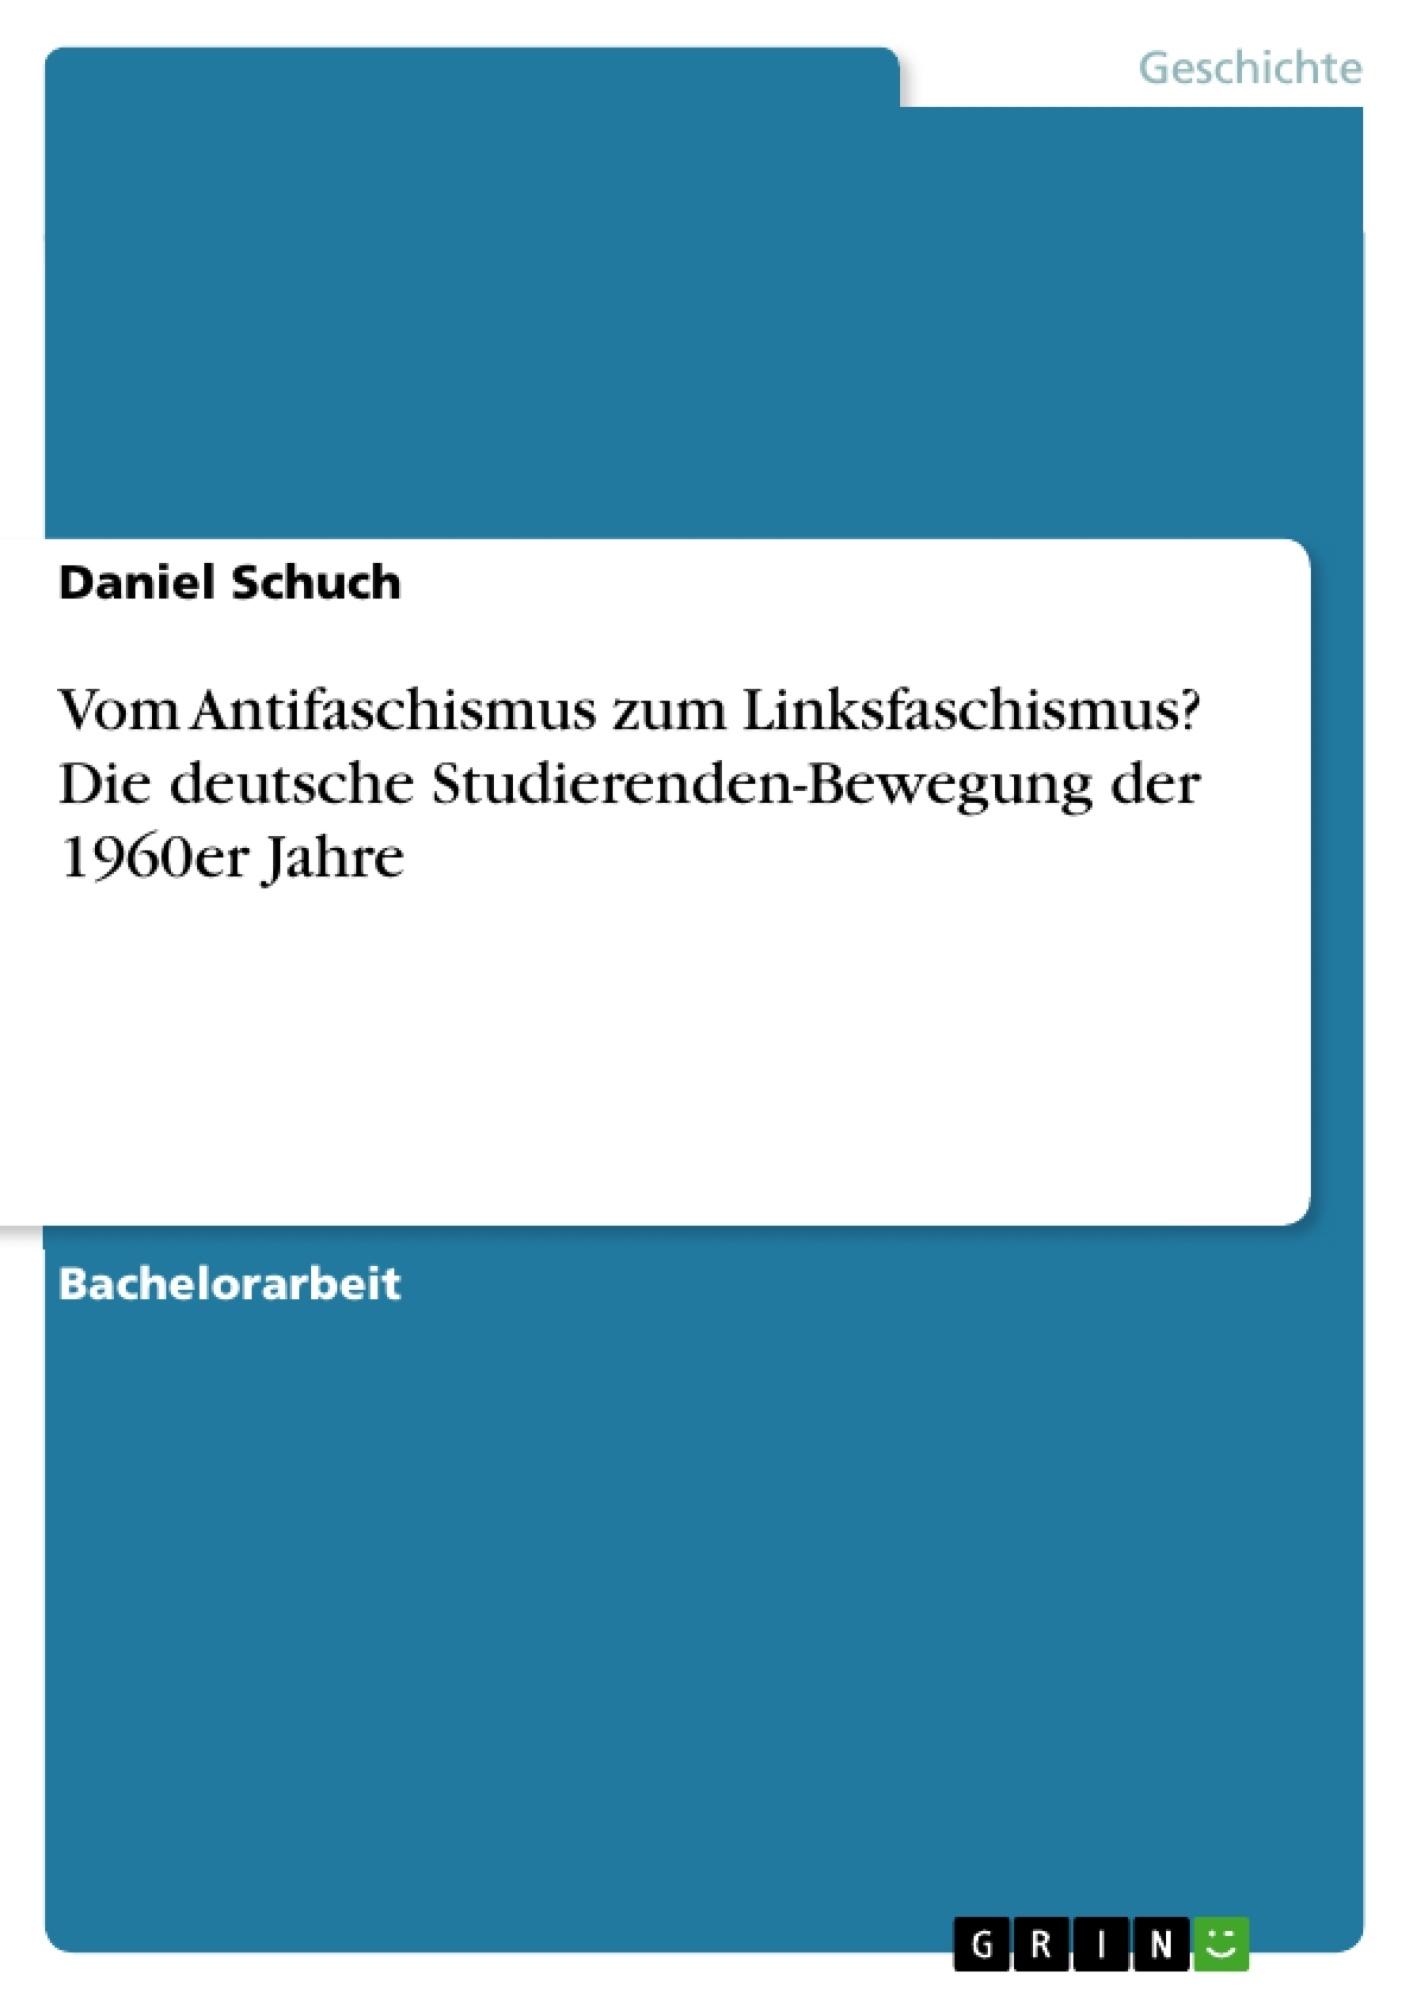 Titel: Vom Antifaschismus zum Linksfaschismus? Die deutsche Studierenden-Bewegung der 1960er Jahre